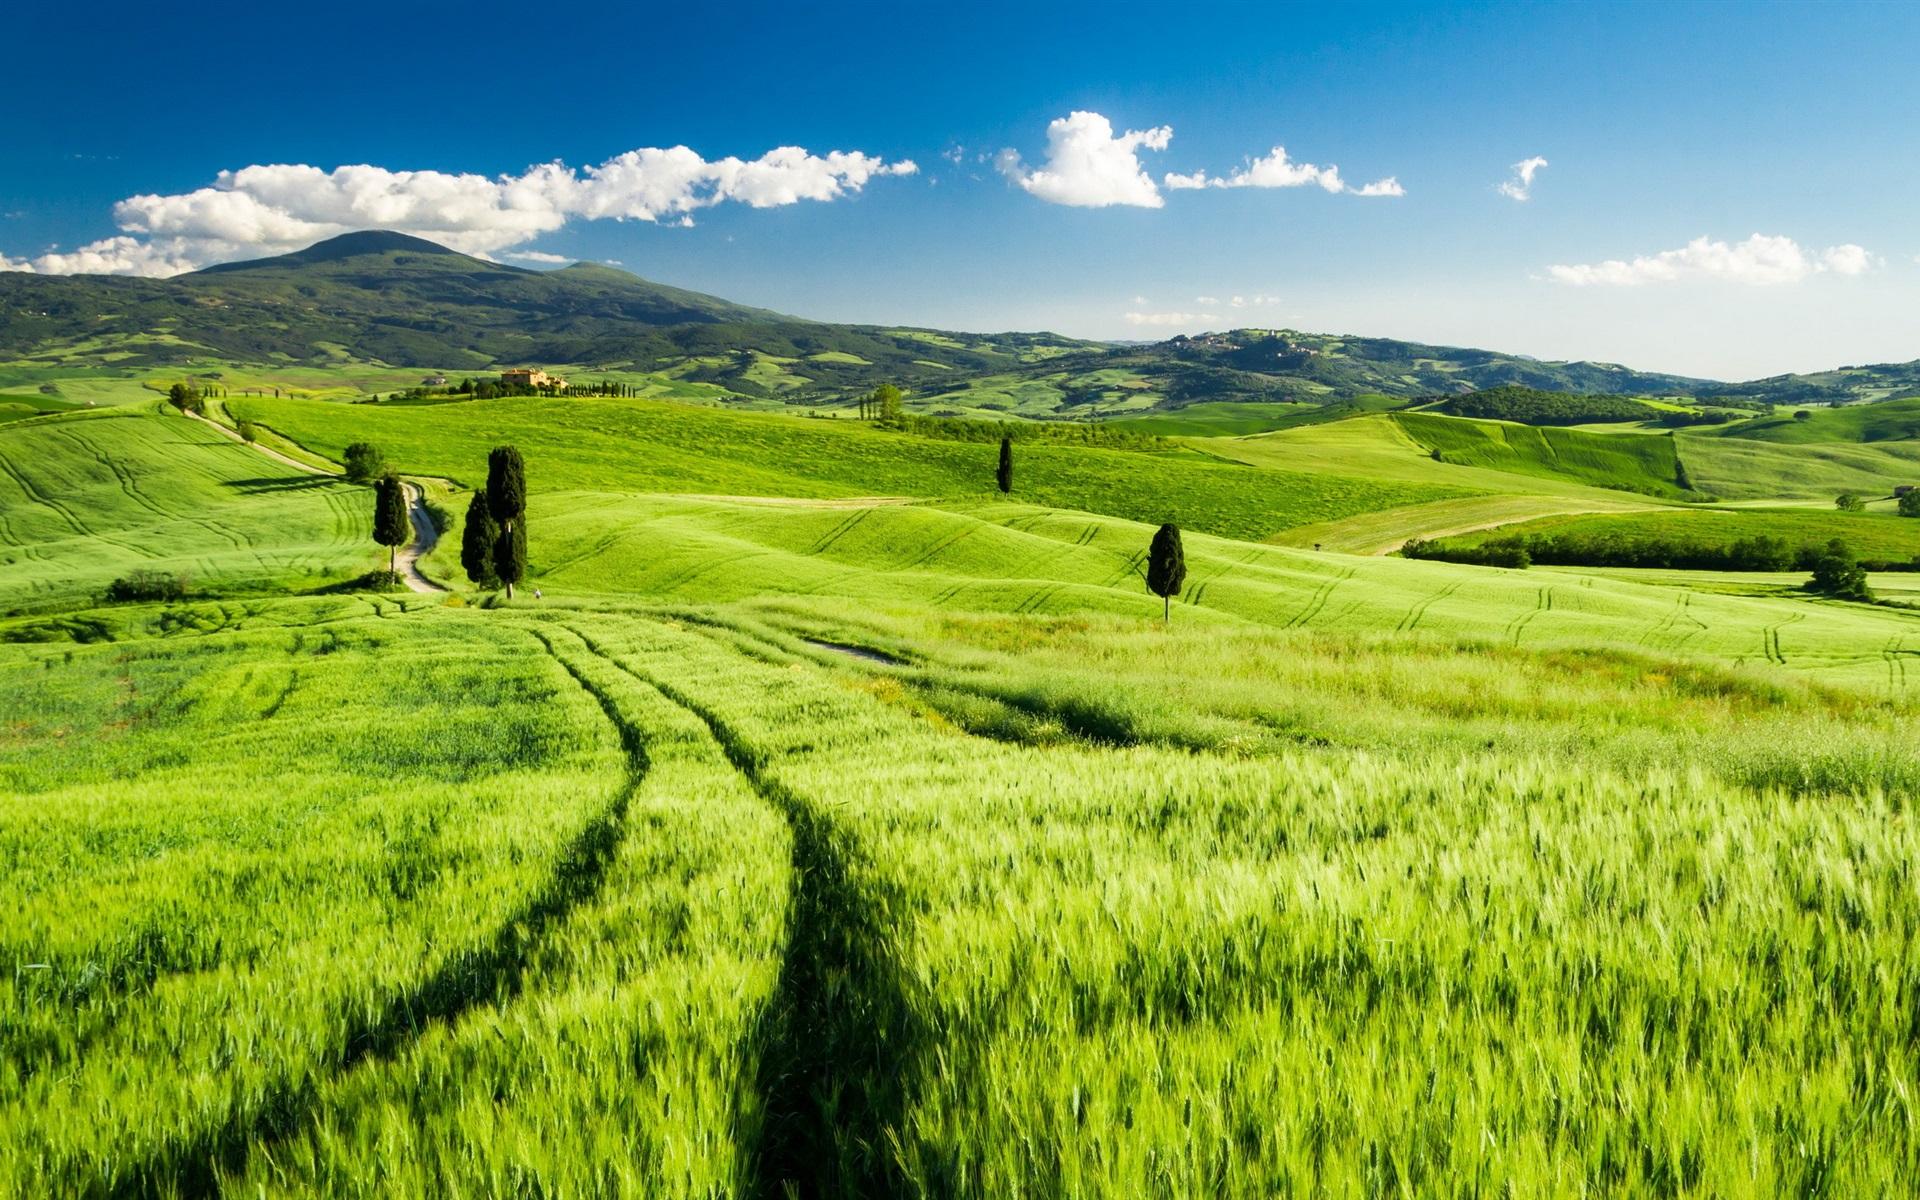 песчаных зеленый лес зеленое поле картинки доходом больше